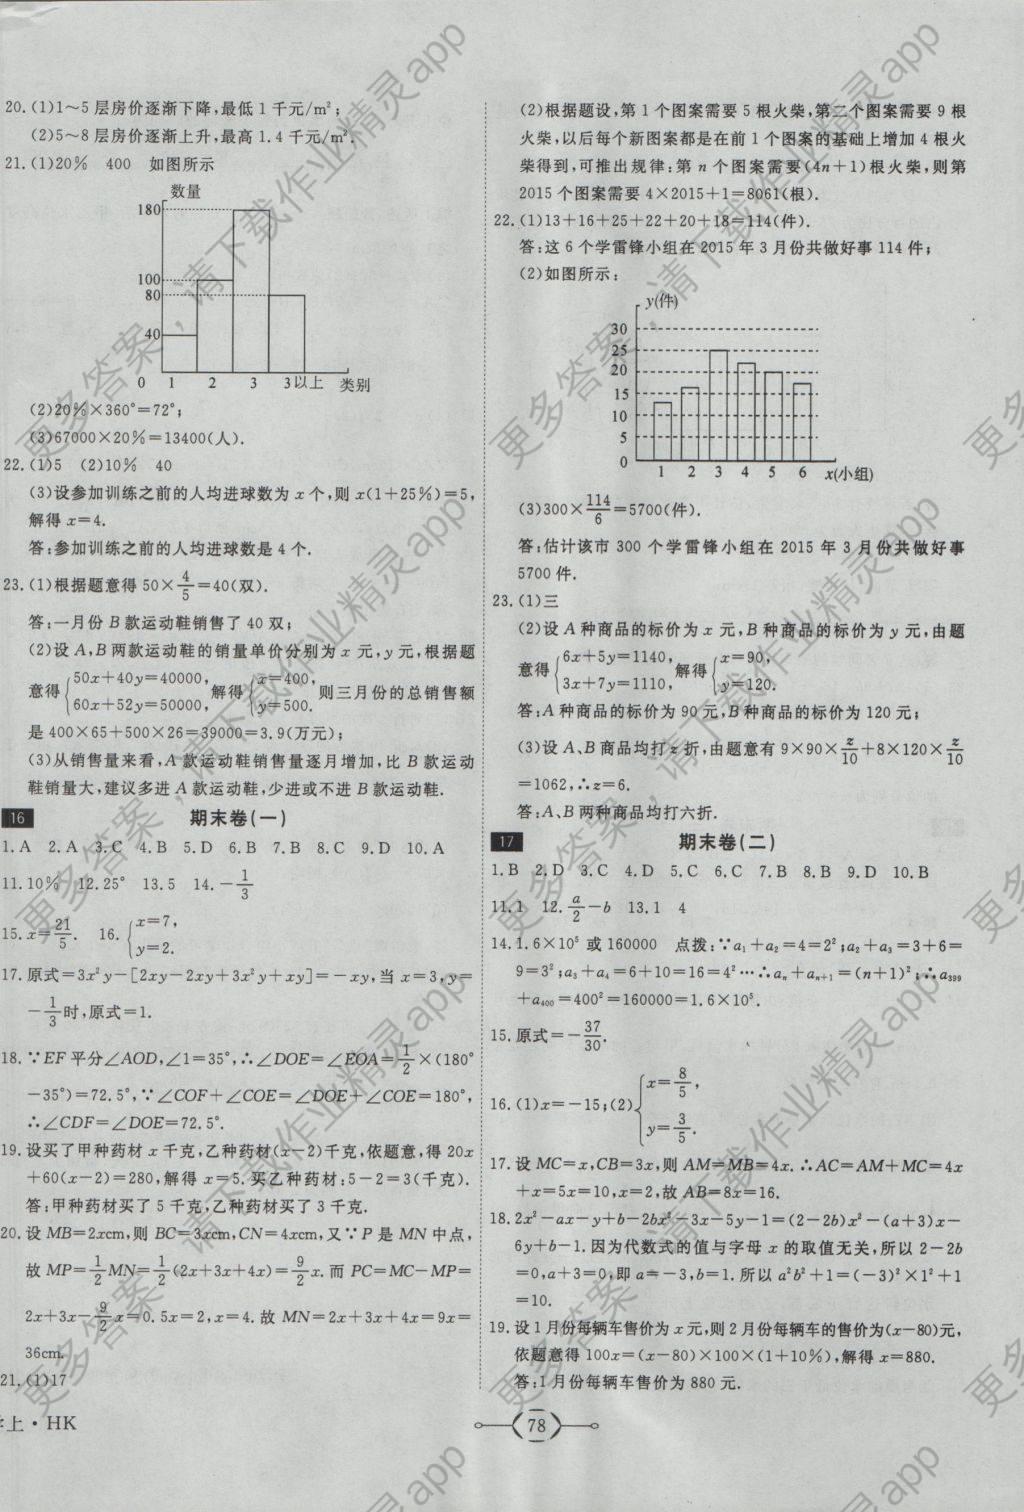 2016年优数学周周卷初中干线七年级上册沪科值周自主初中生感受图片